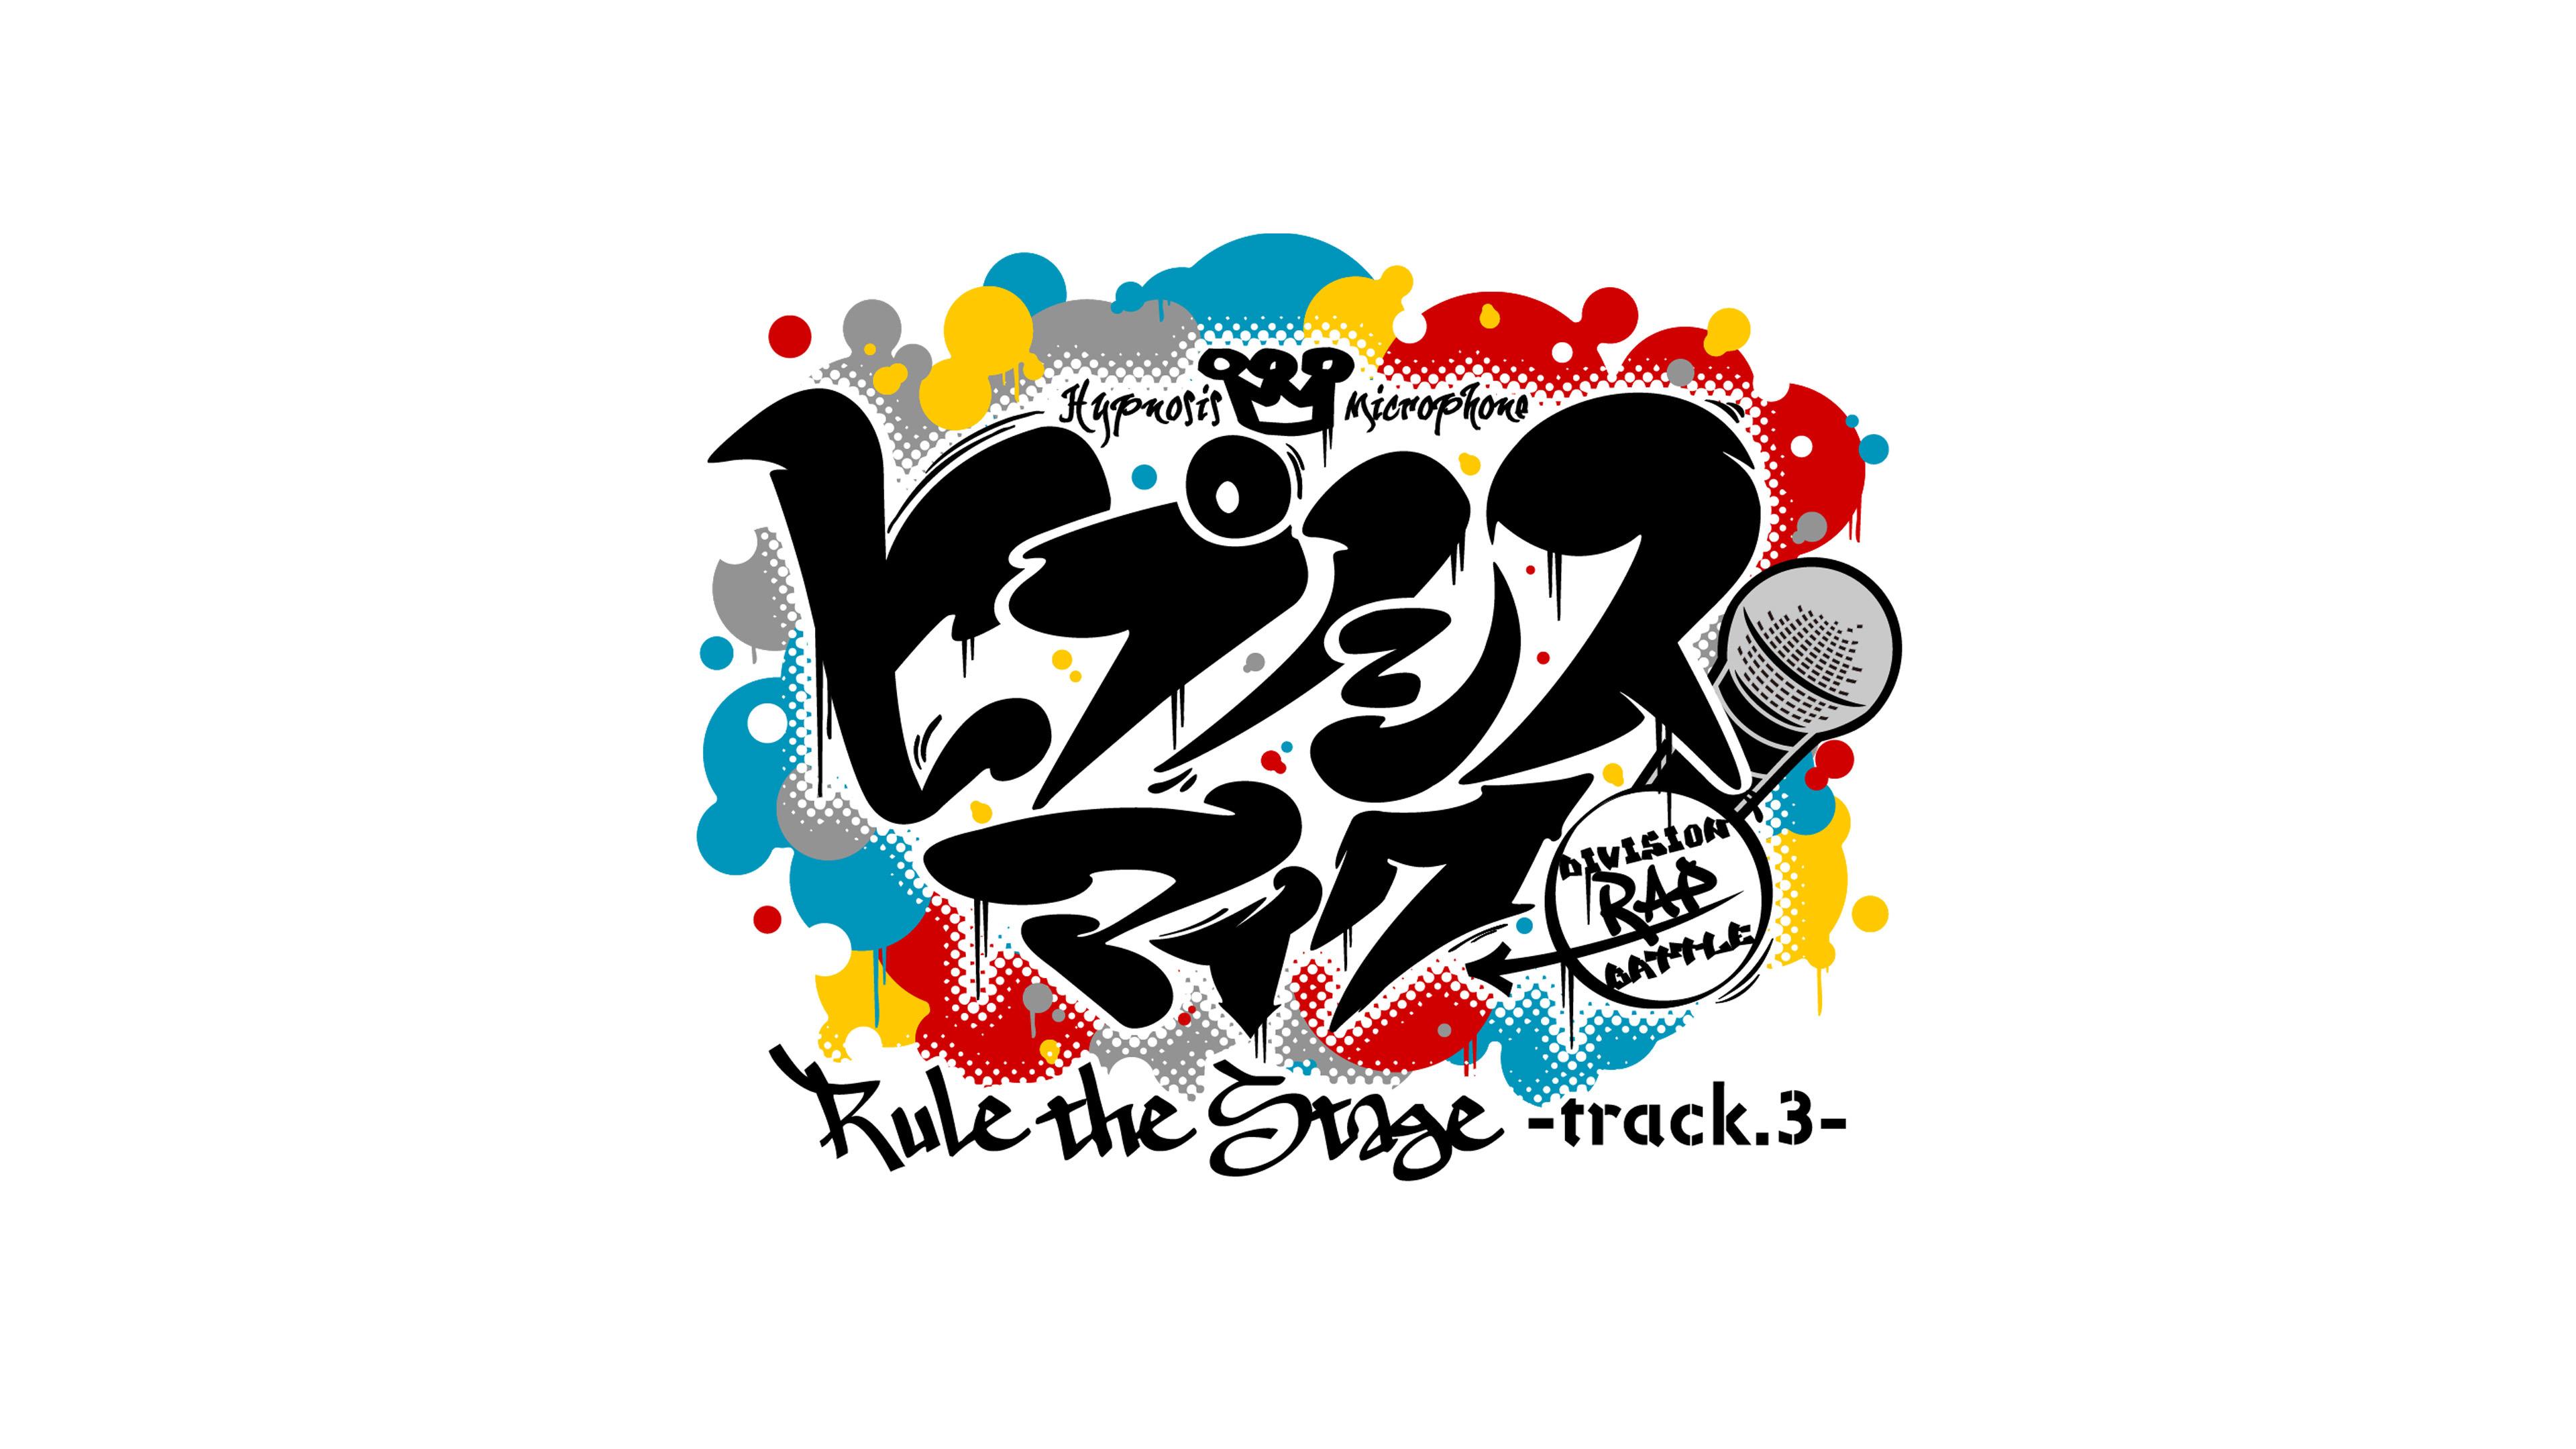 『ヒプノシスマイク-Division Rap Battle-』Rule the Stage ‐track.3 ロゴ (C)『ヒプノシスマイク-Division Rap Battle-』Rule the Stage製作委員会